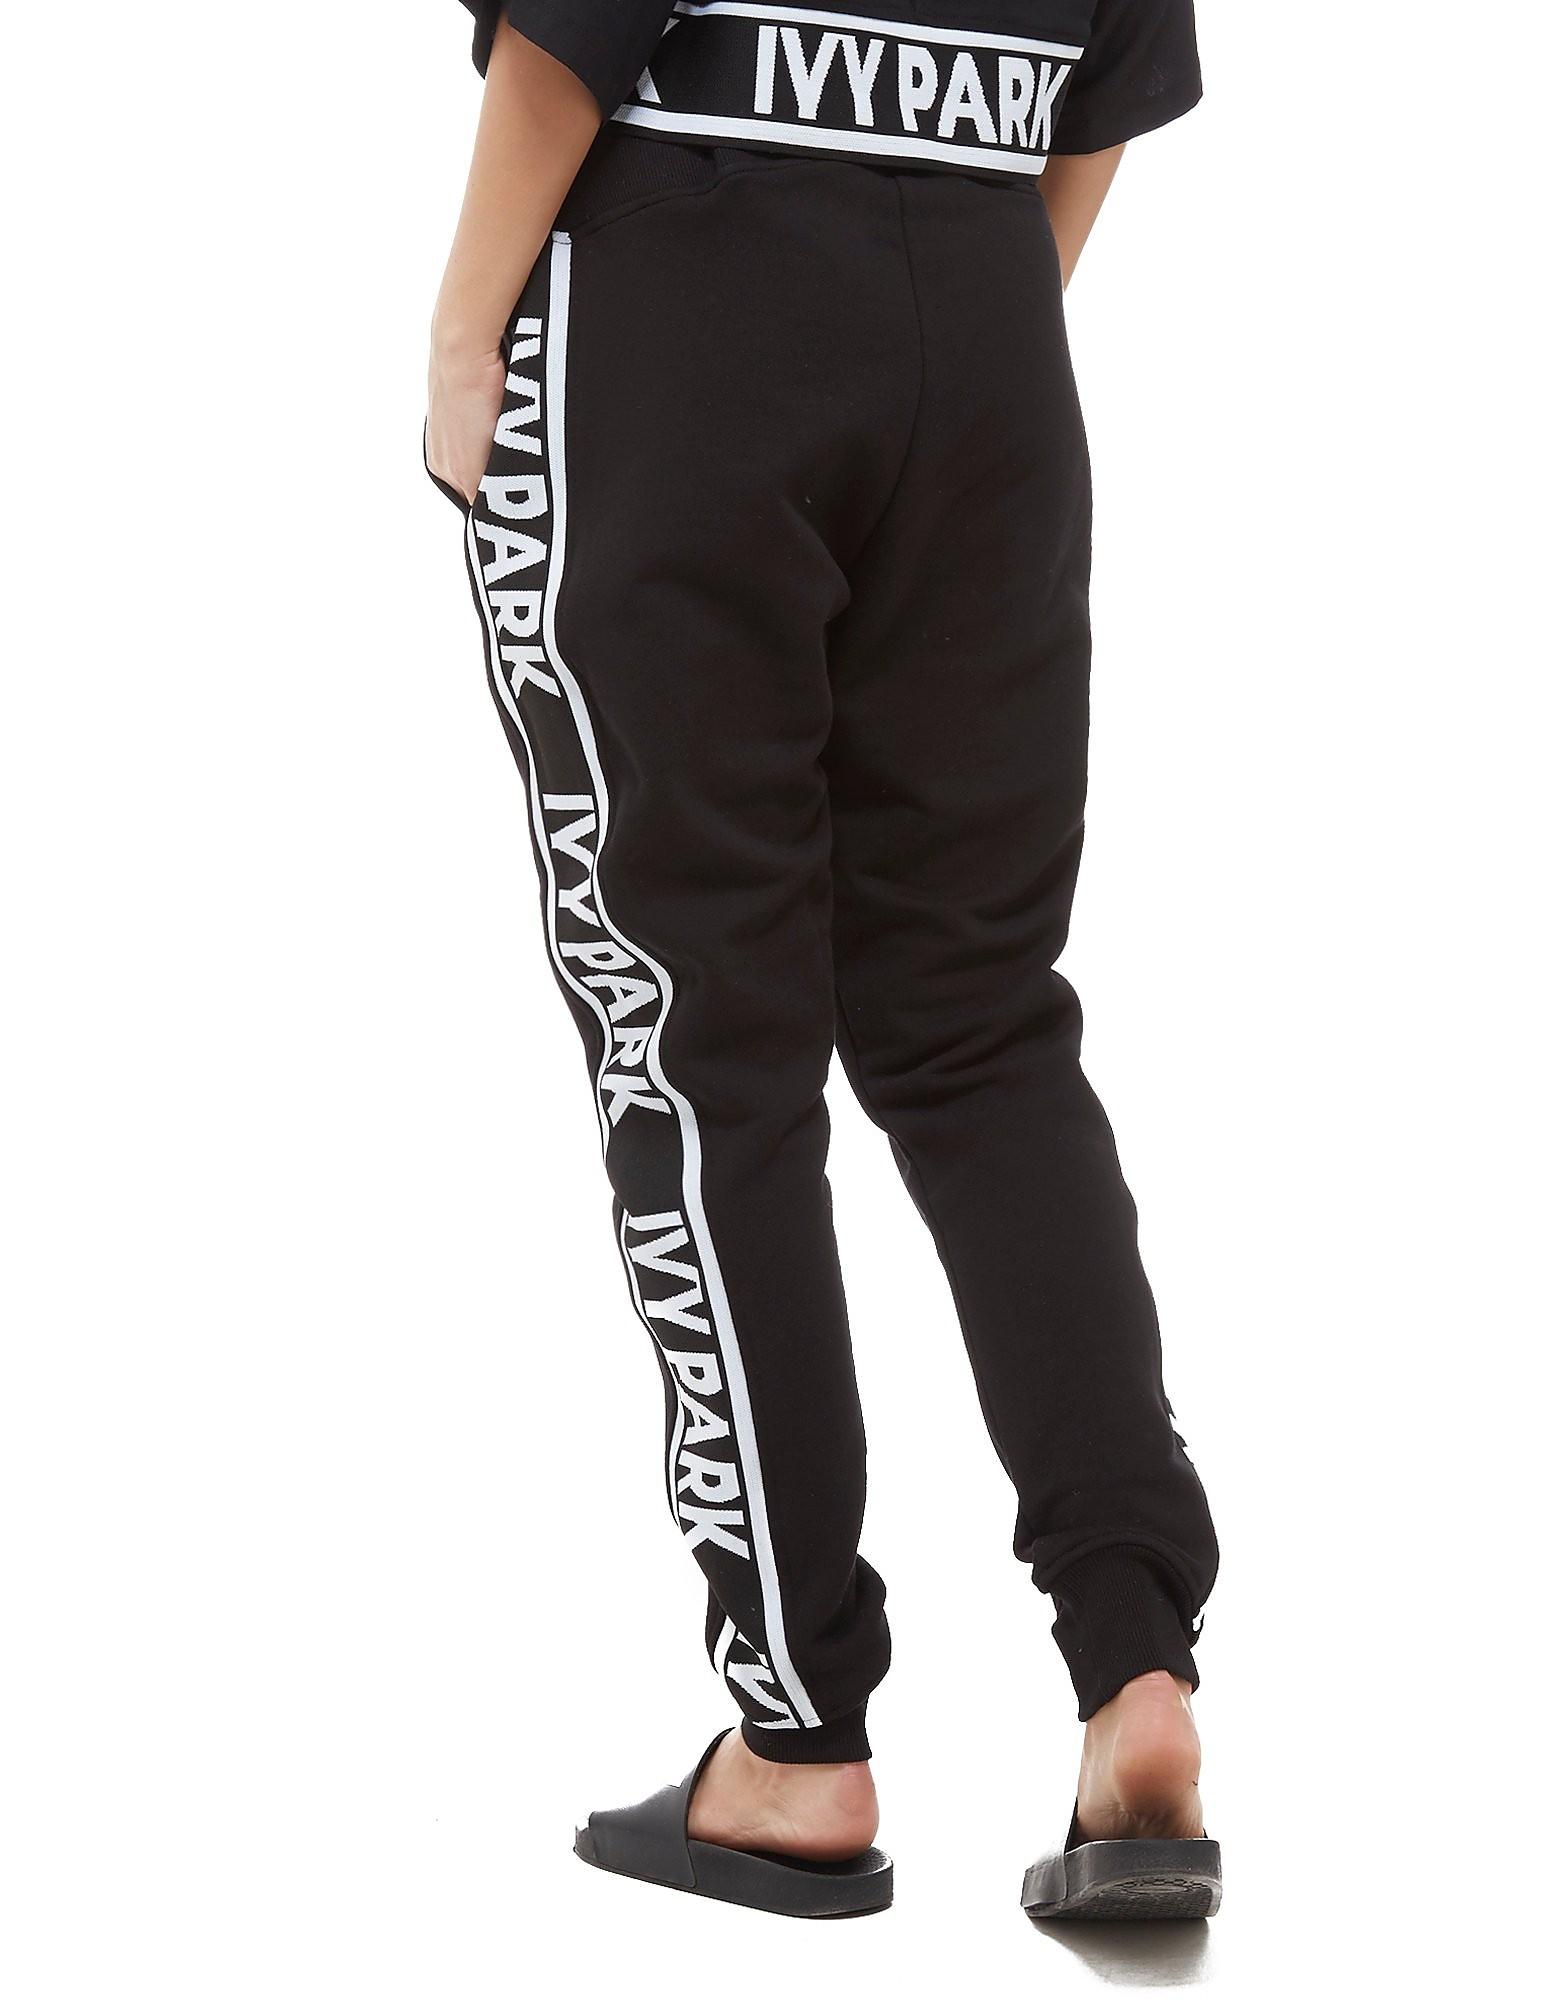 IVY PARK Pantalon de survêtement Logo Tape Femme